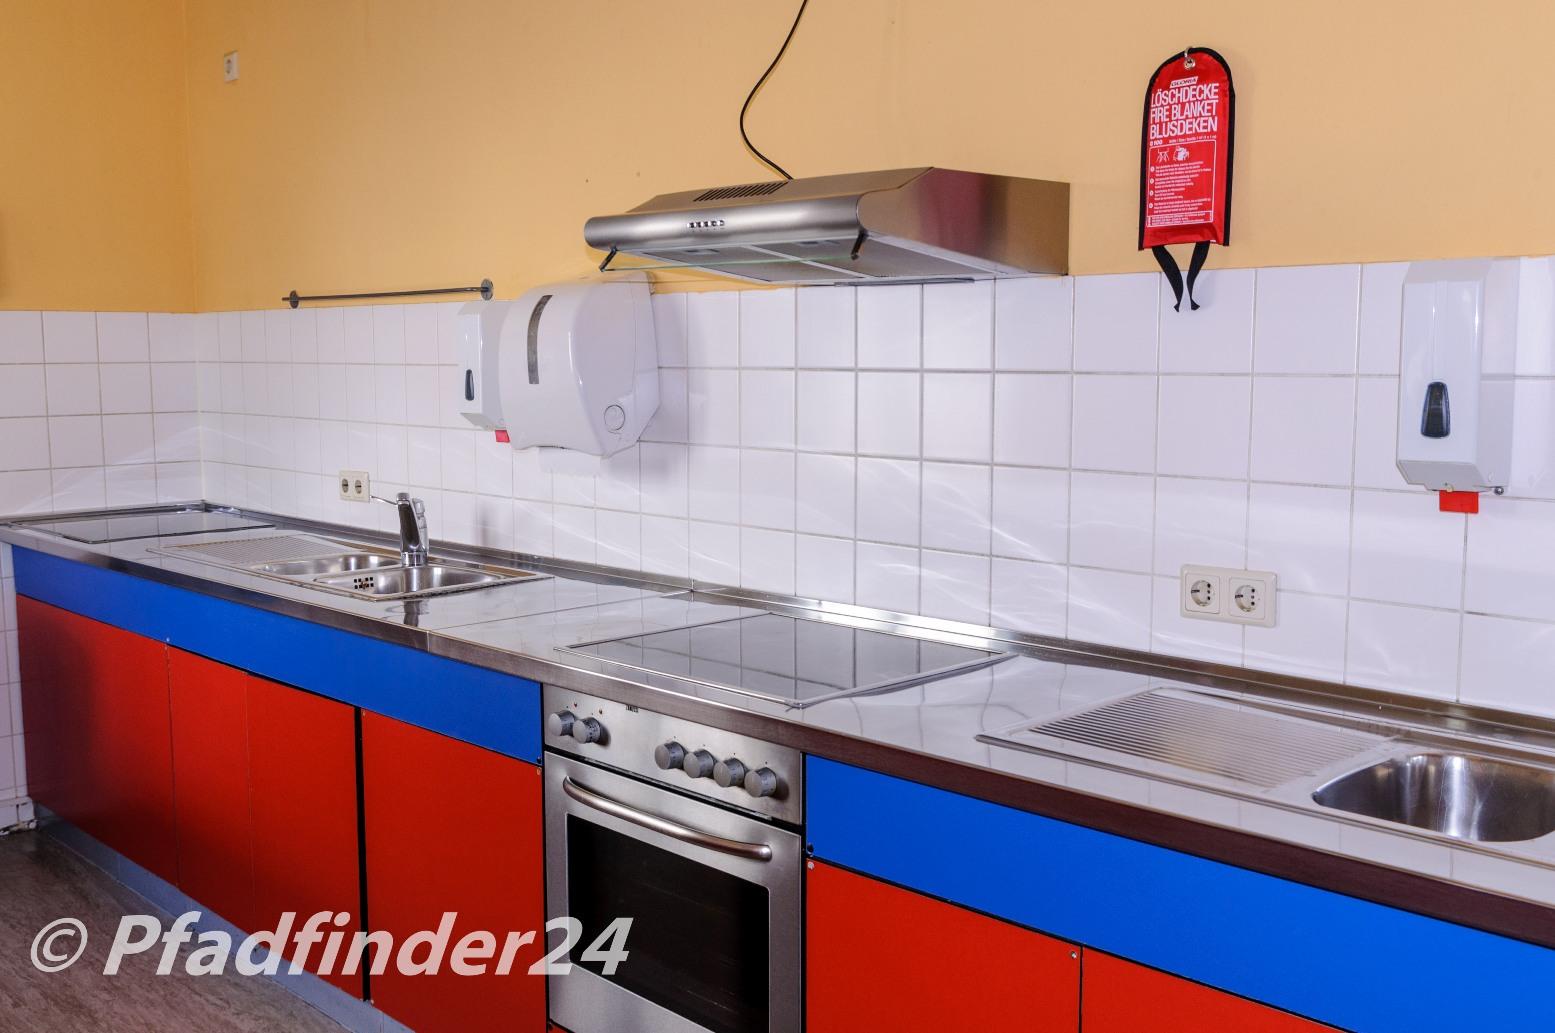 ゲーテ・インスティテュート フライブルク校の宿舎 キッチン